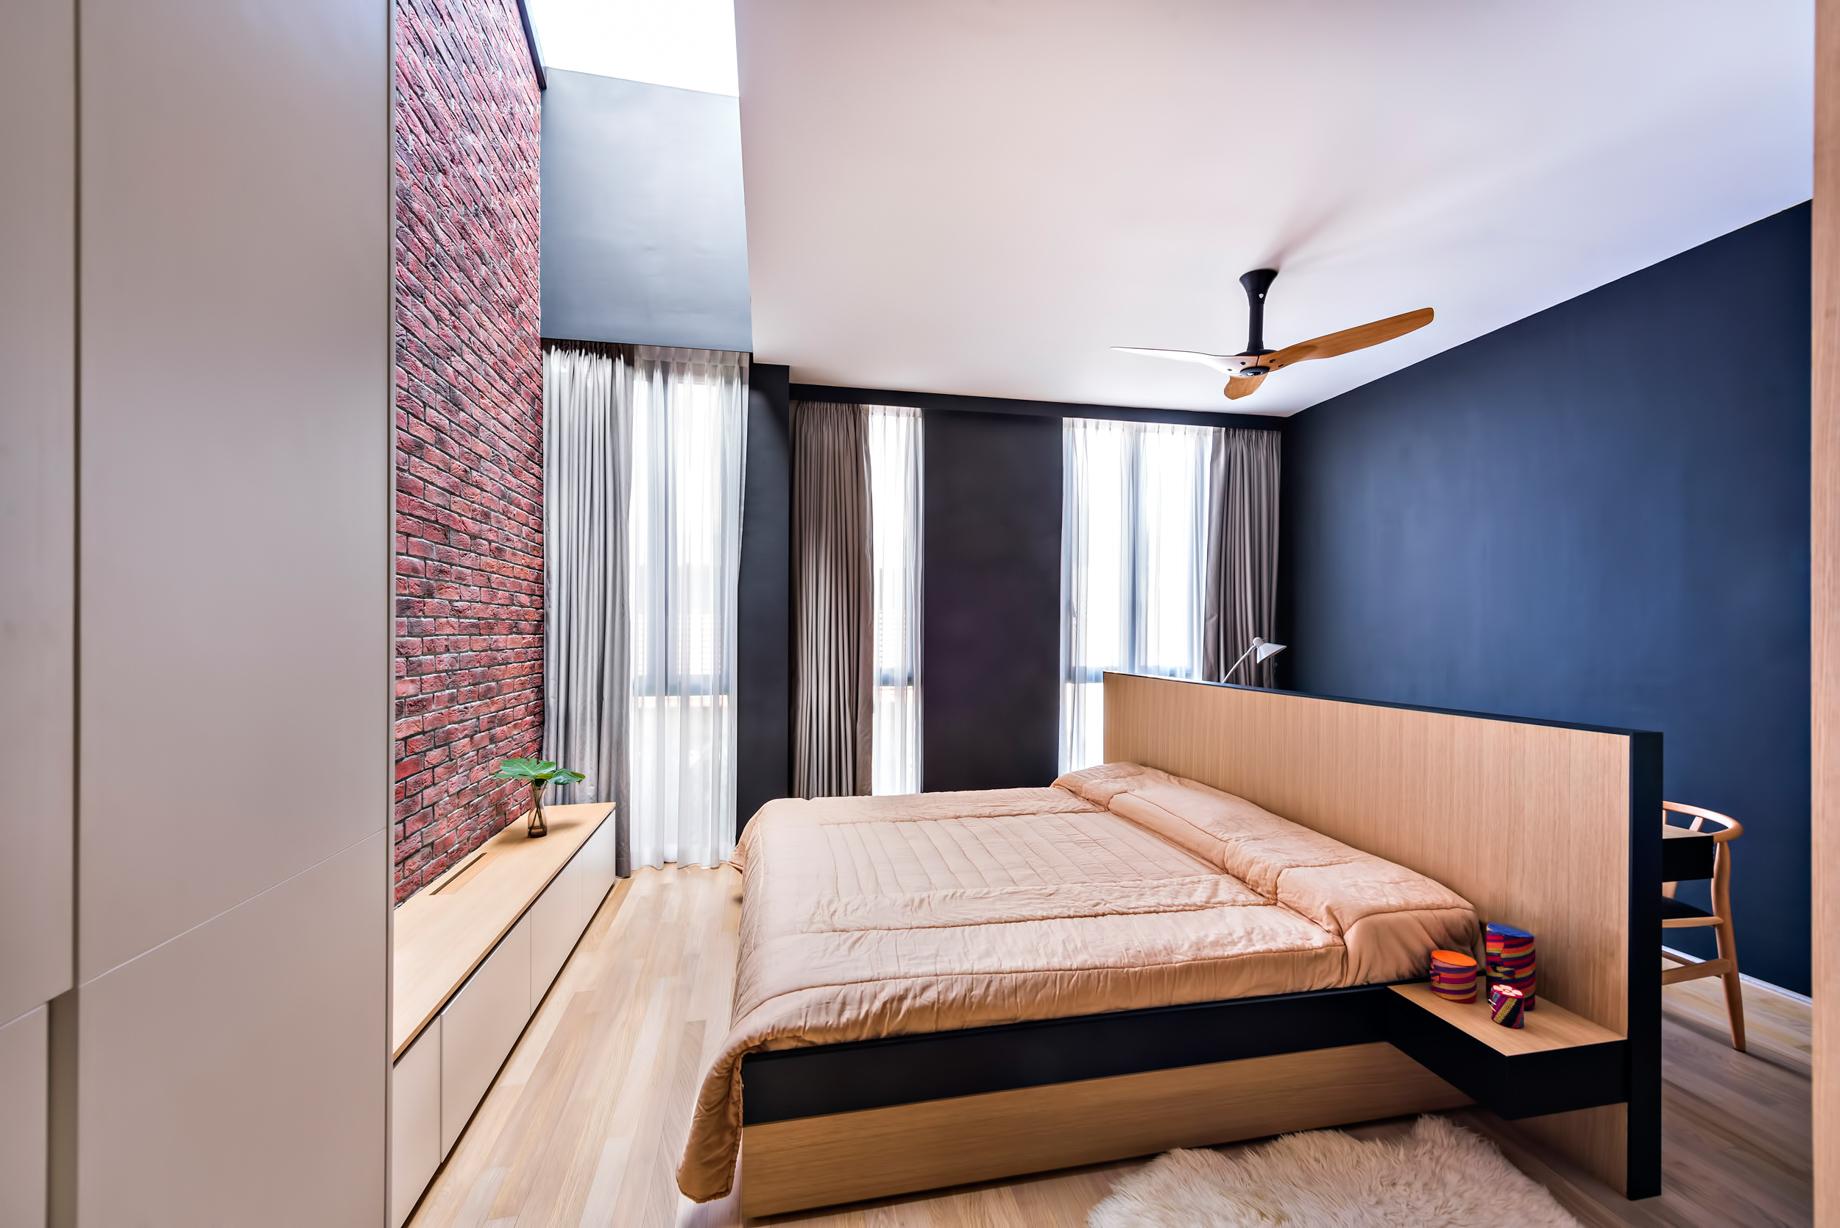 The Loft House Luxury Residence – Namly Place, Singapore